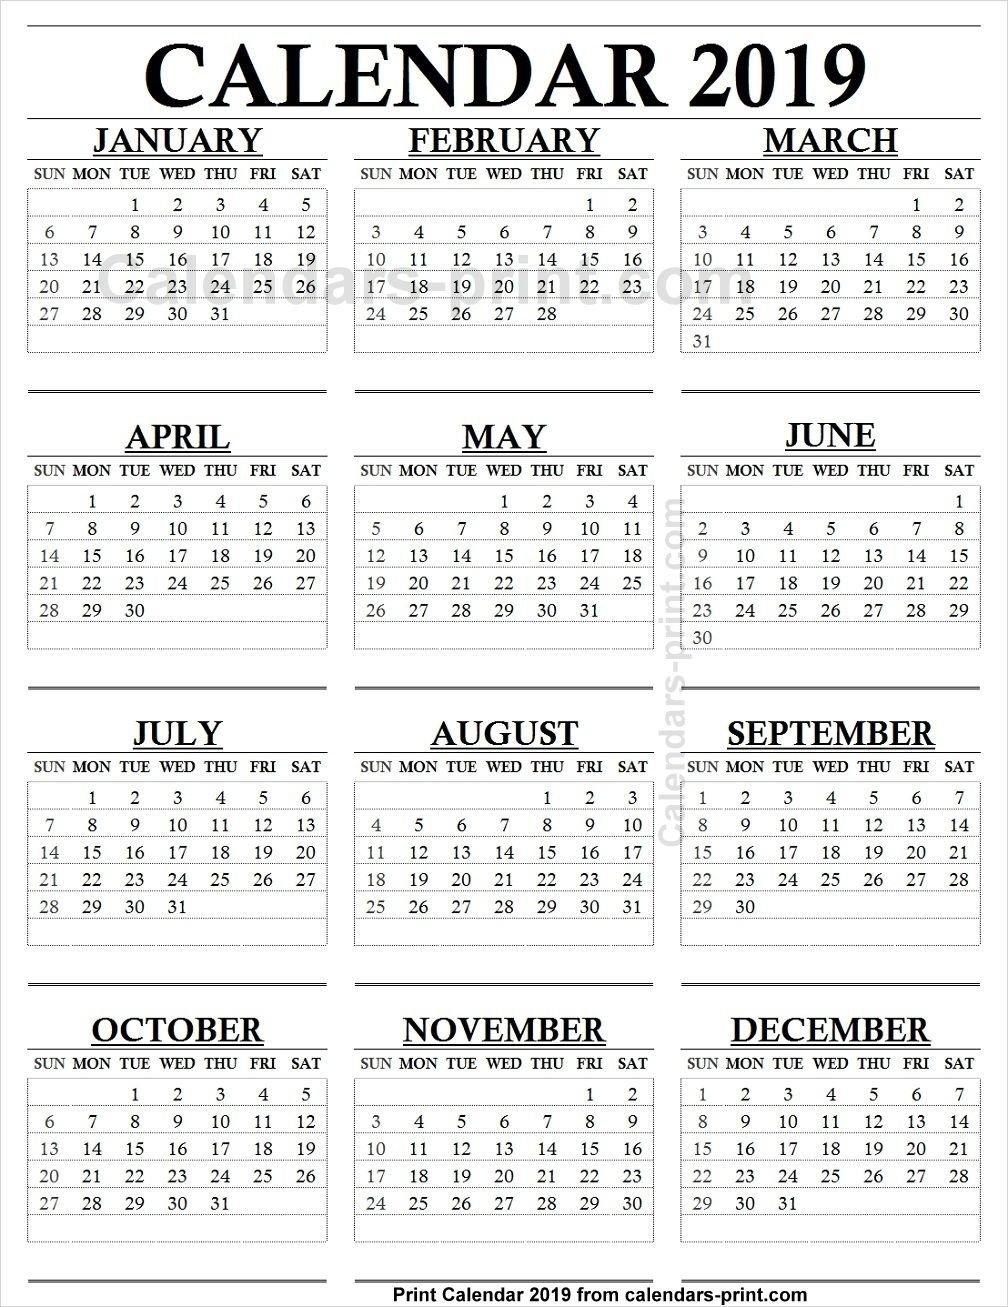 12 Month Calendar 2019 One Page   2019 Yearly Calendar   Calendar Calendar 2019 12 Months